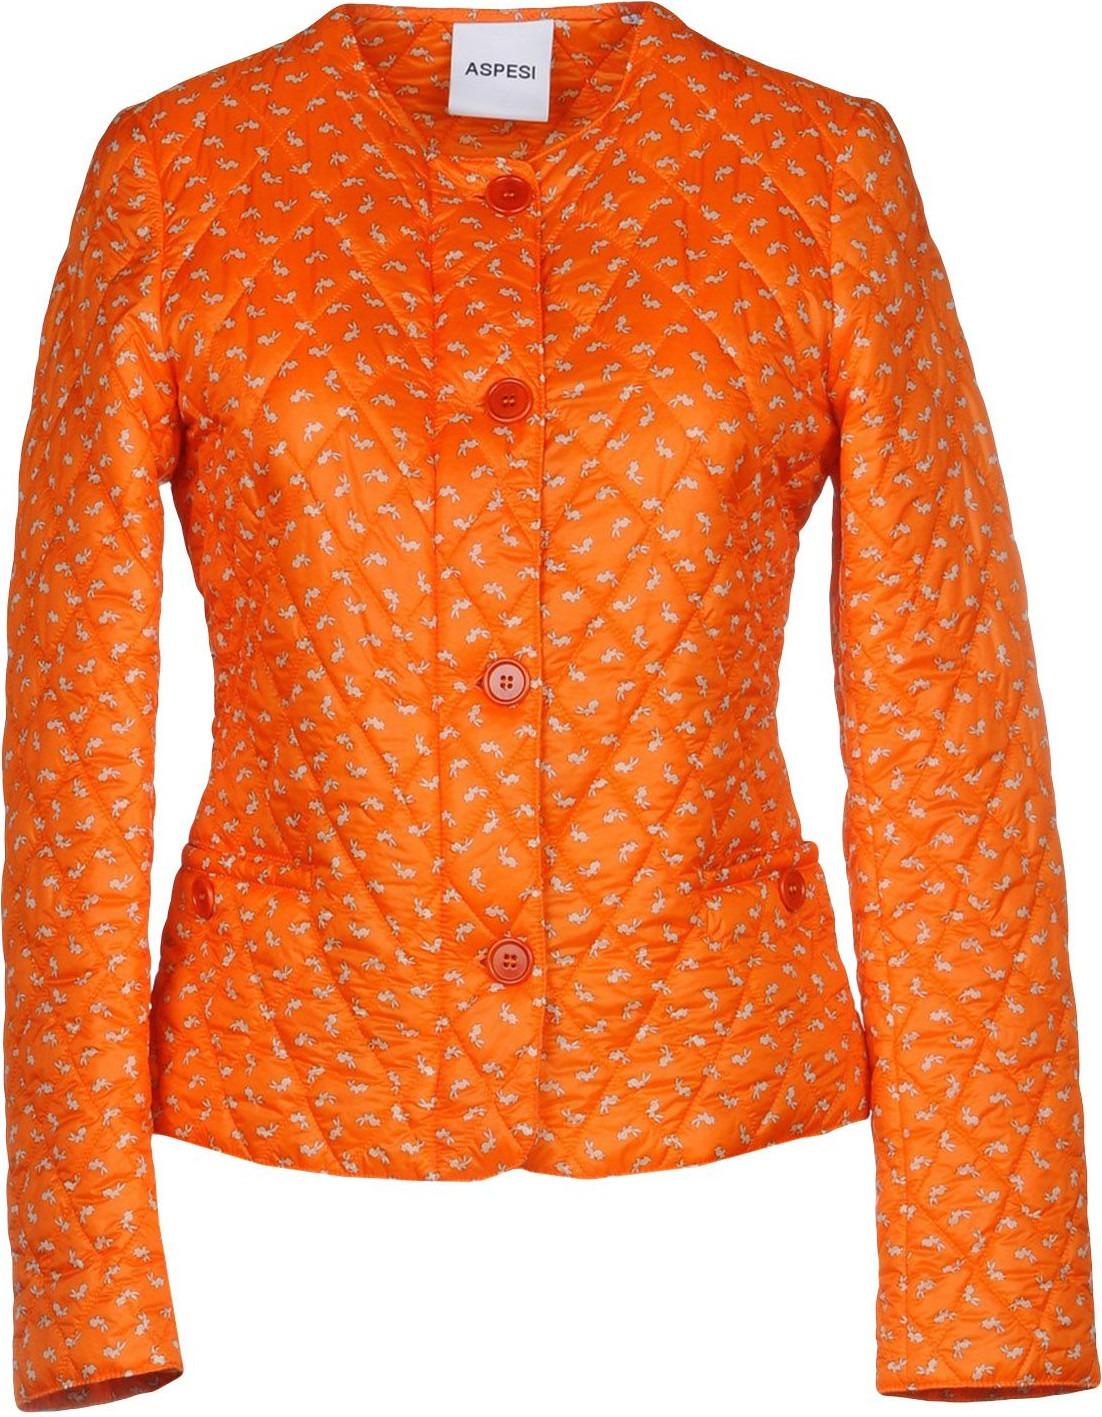 piuttosto bella 1f9ae 84527 Piumini e giubbotti arancione donna | Tendenze 2019 | Bantoa